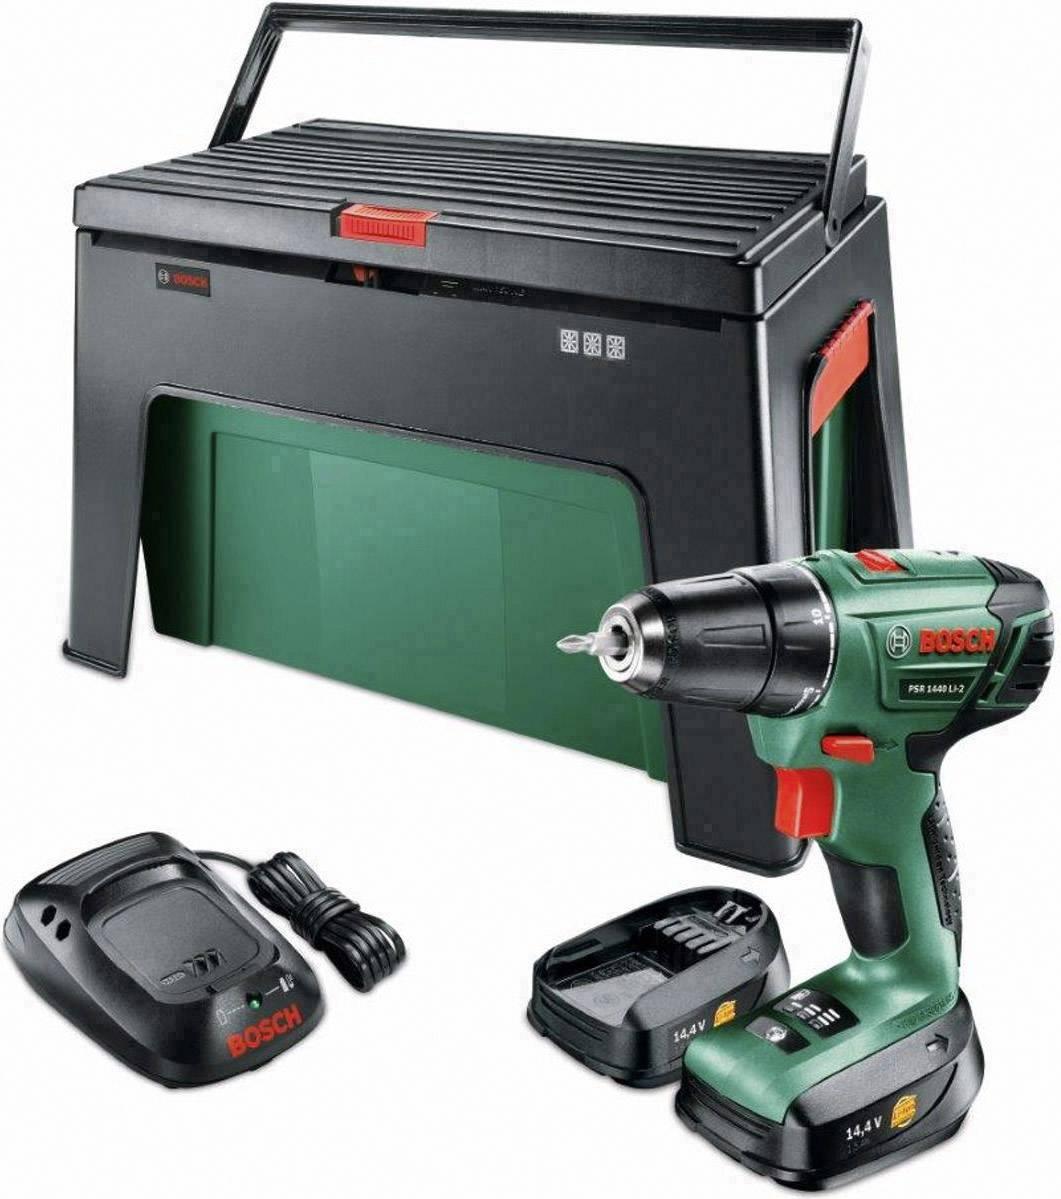 Zeer Accuschroefboormachine Bosch Home and Garden PSR 1440 LI-2 Incl. 2 EL51